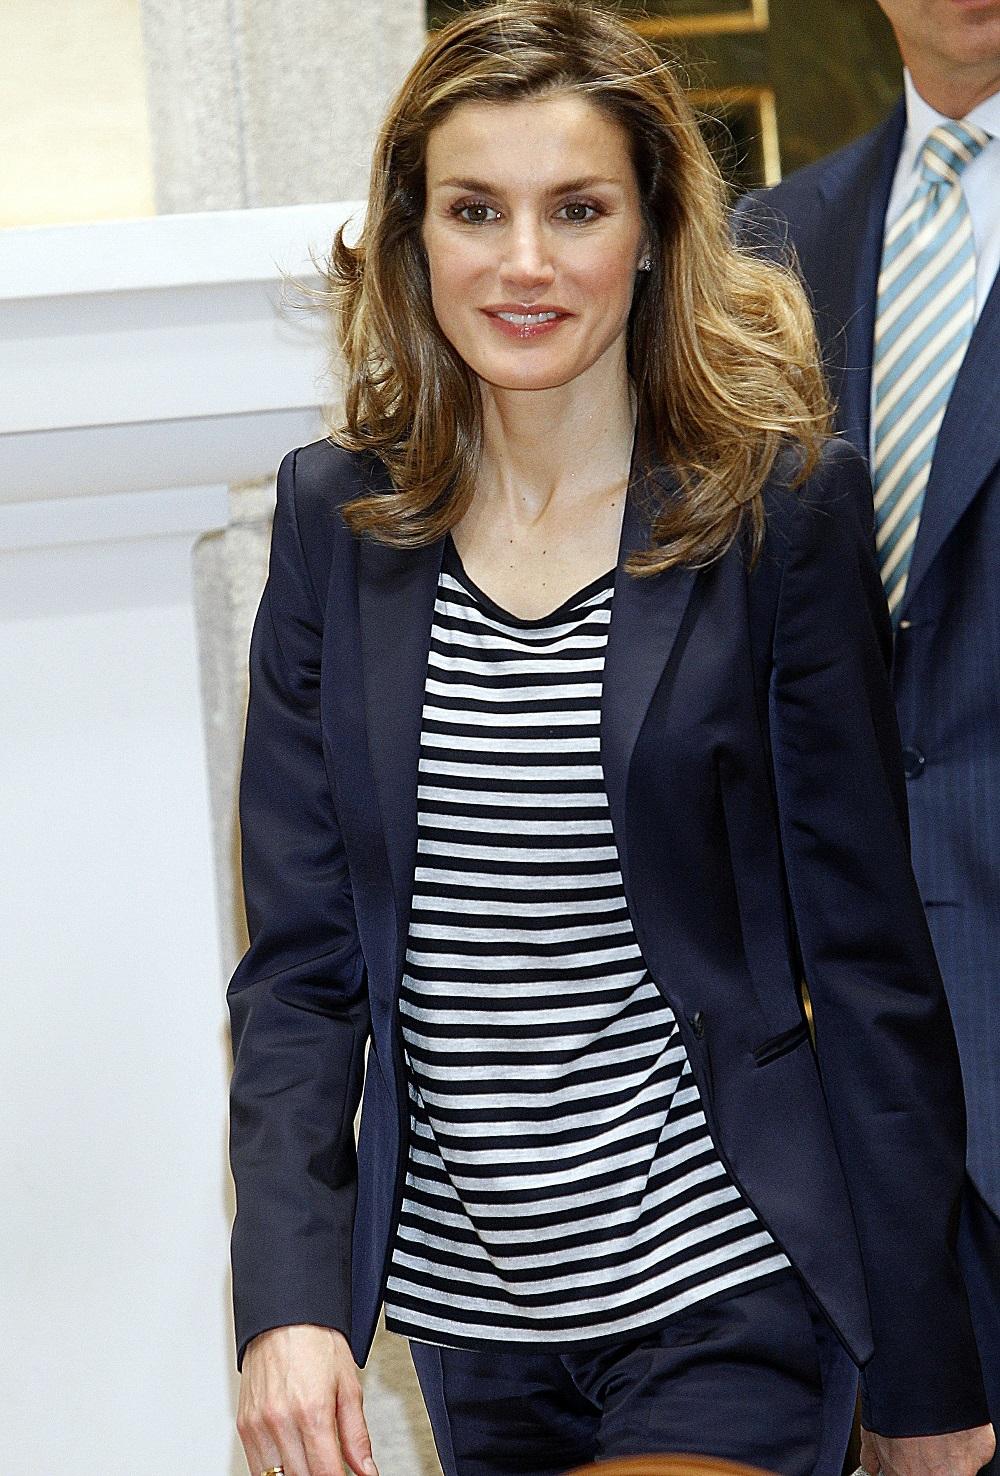 La entonces princesa de Asturias en un acto de la Fundación Caja Madrid en 2011.